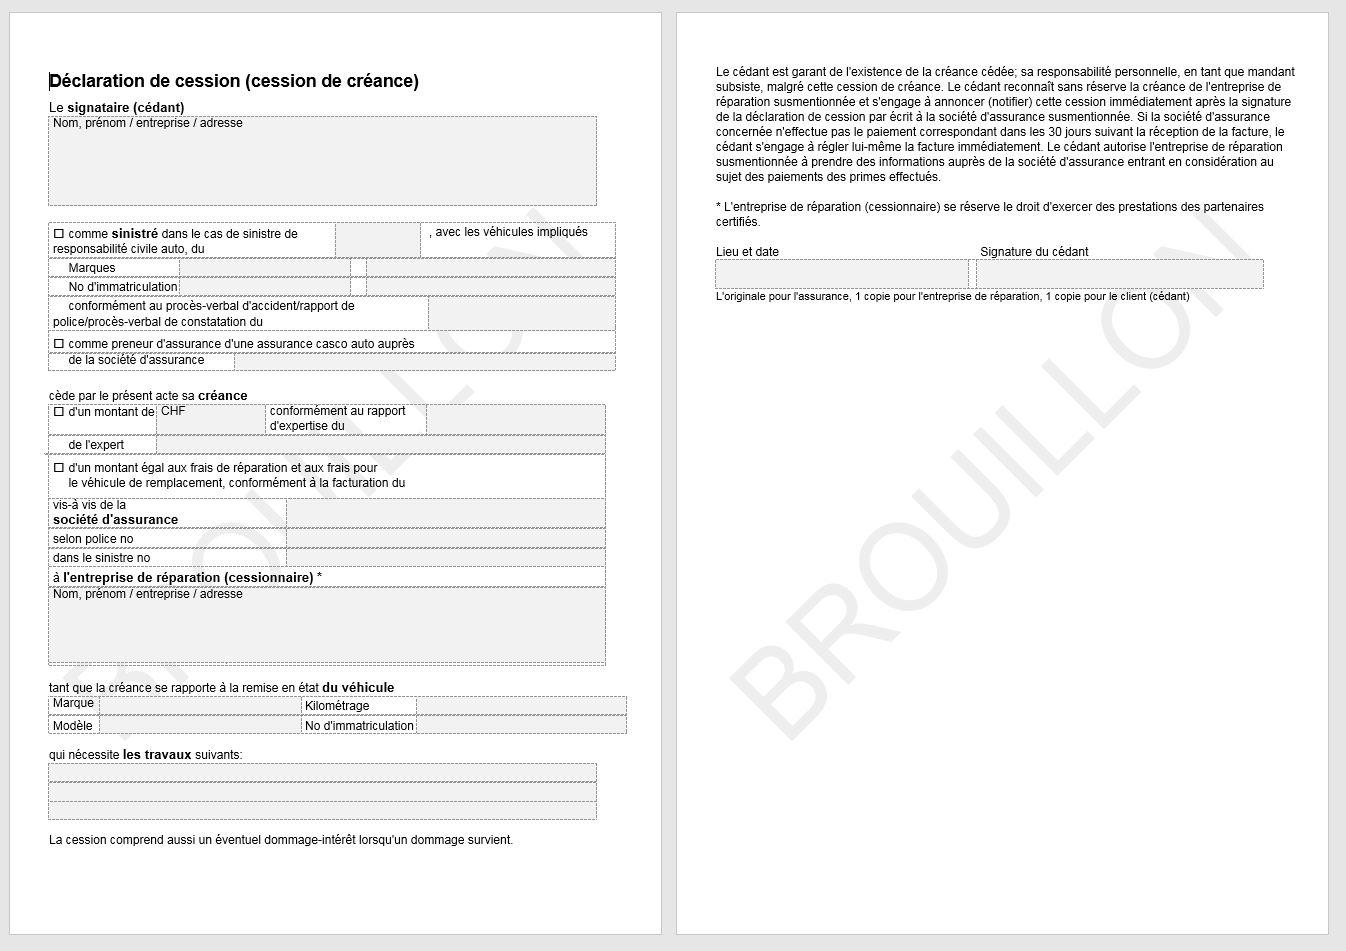 Download déclaration de cession   UPSA   AGVS - Section Vaud